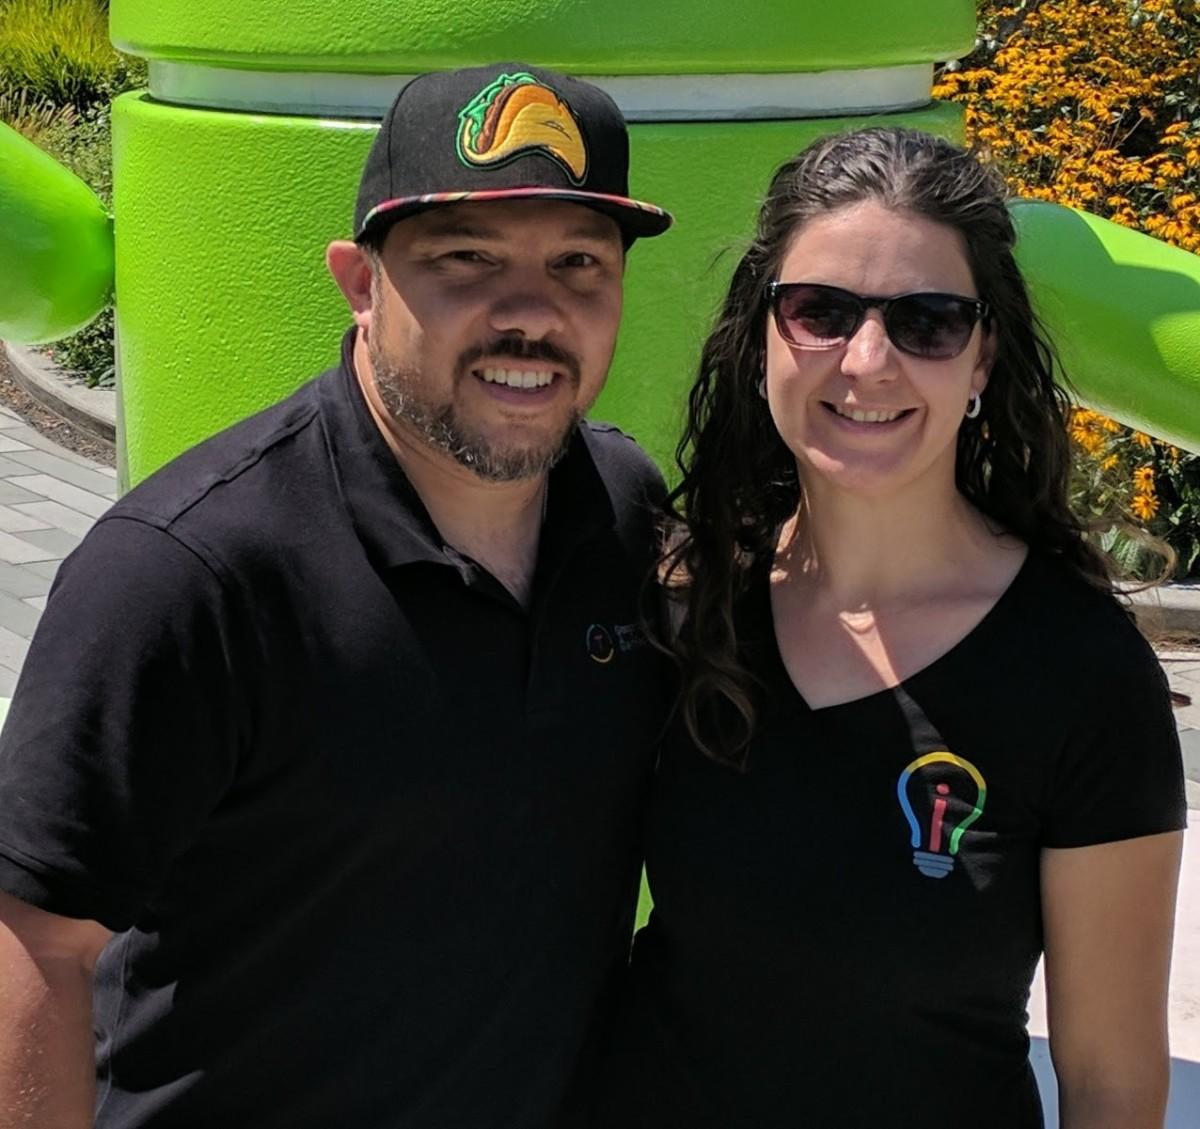 Kat Goyette and Adam Juarez